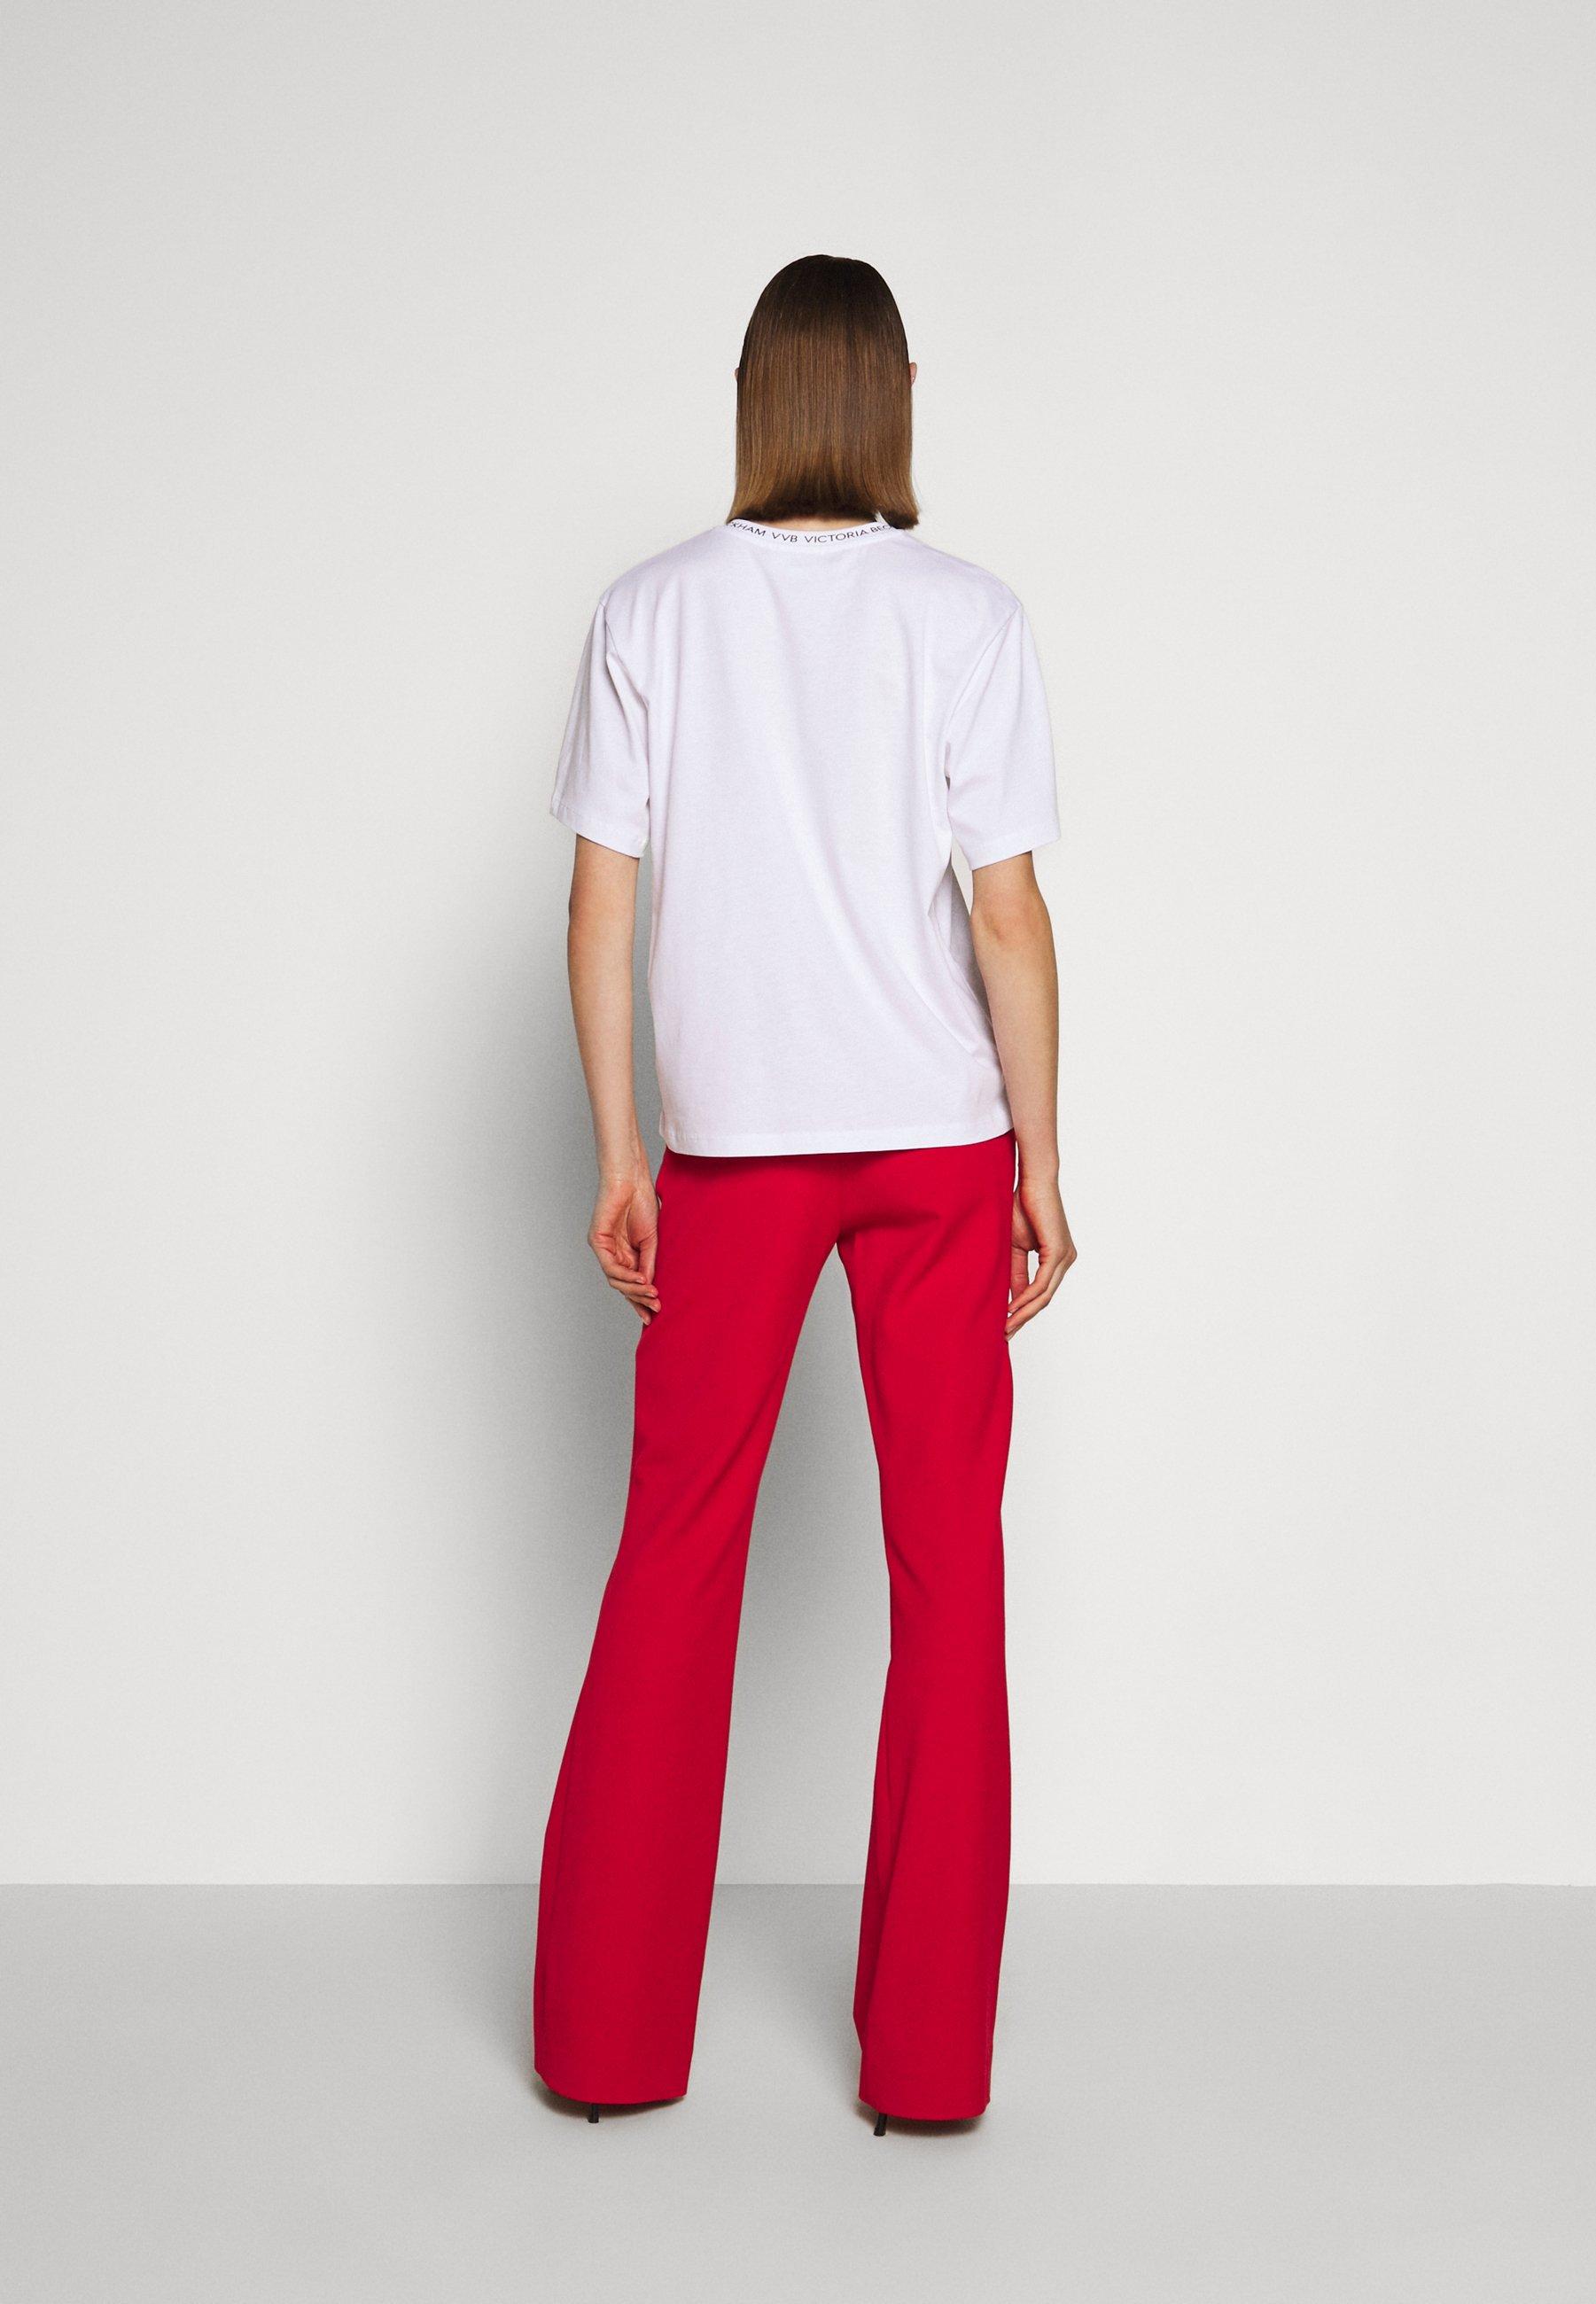 ORANGE Flared jeans  Victoria Beckham  Jeans - Dameklær er billig